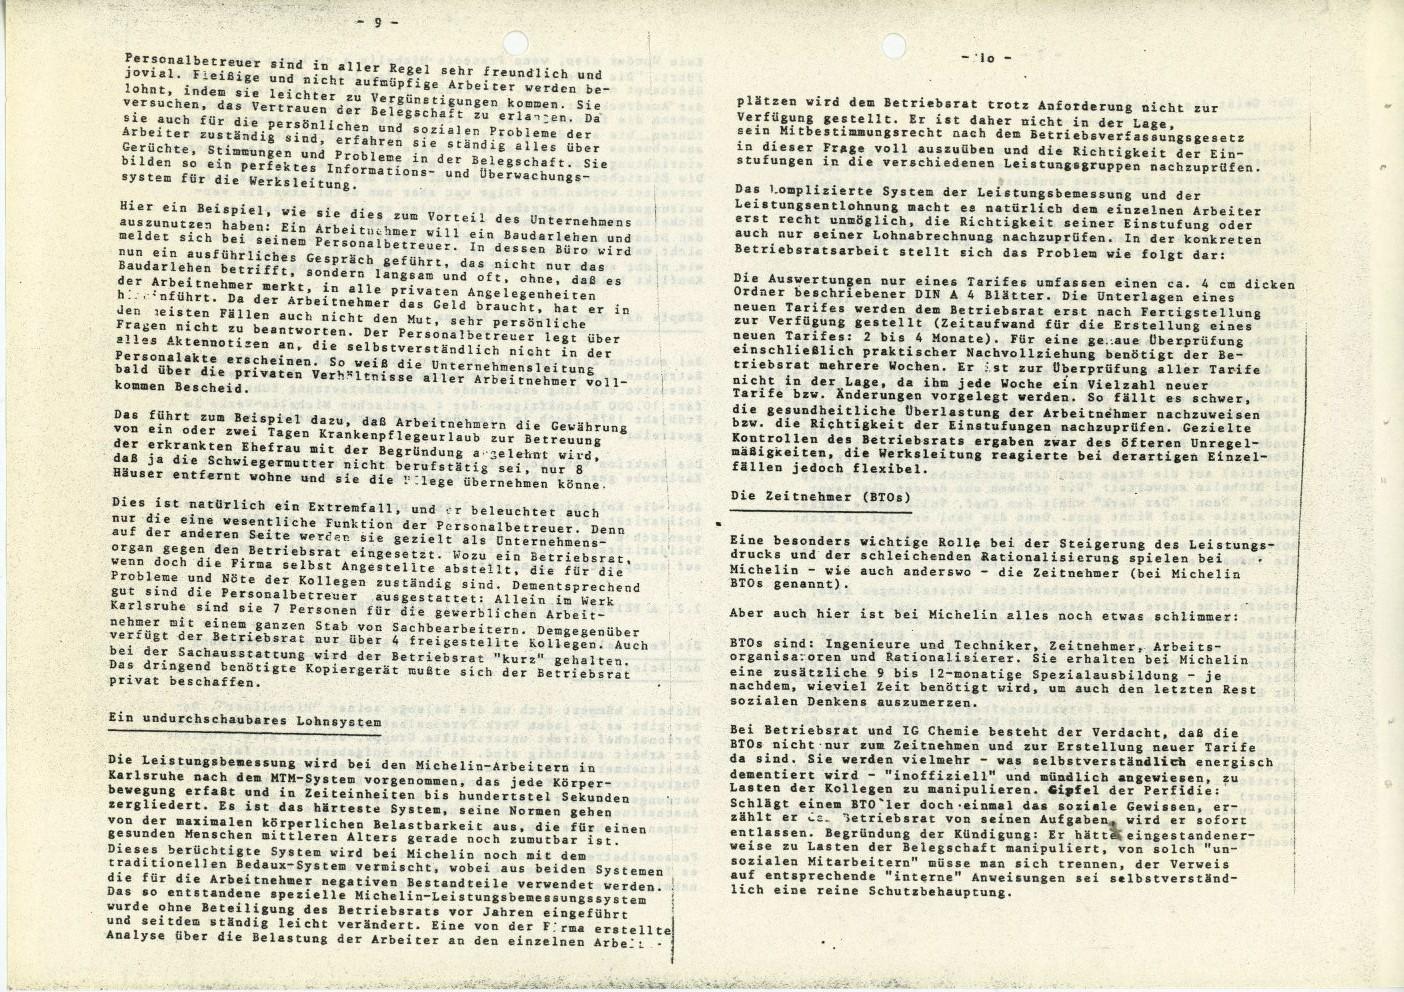 Karlsruhe_Michelin_IGCPK_Doku_zum_Arbeitskonflikt_1978_05